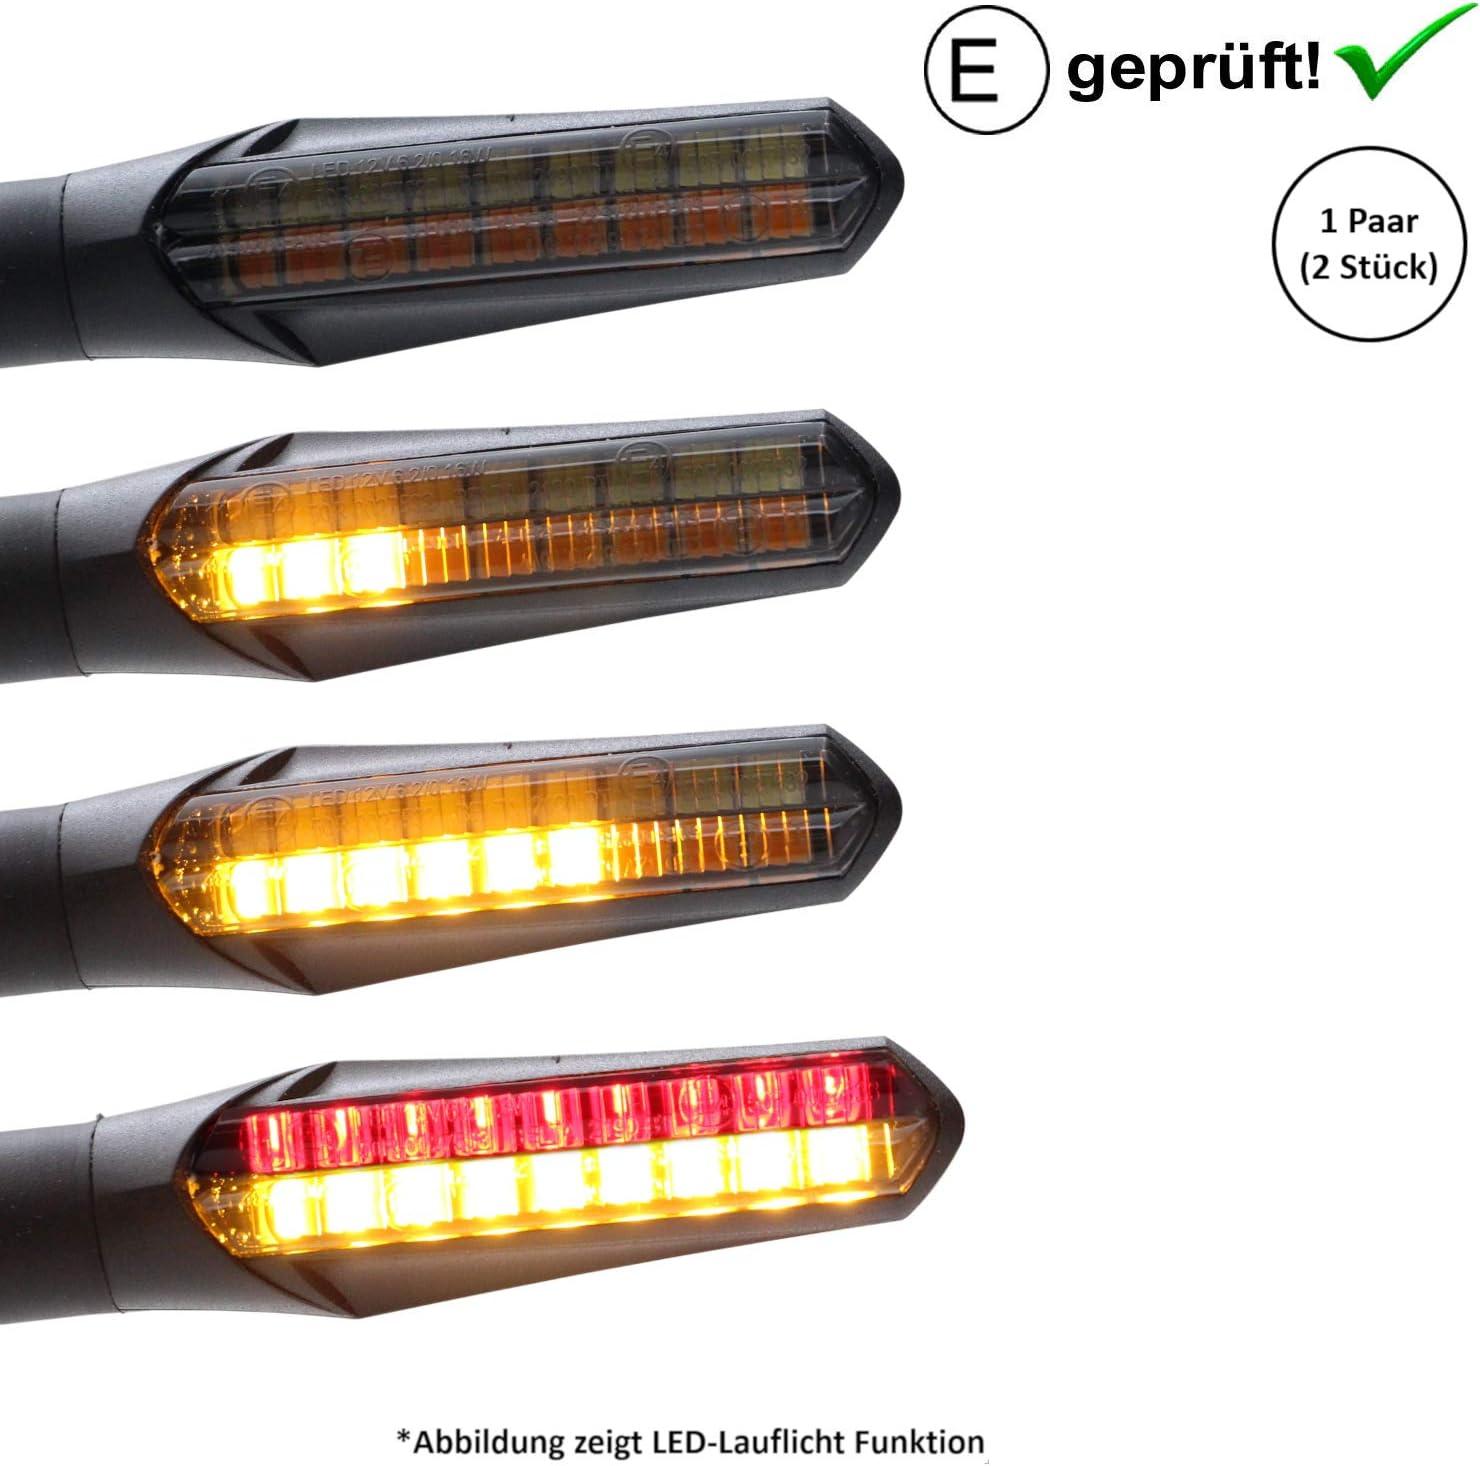 Motorrad LED Gabel Licht Universal 5Flexibles LED Streifenlicht Blinker vorne Blinker 36 LED Lichter f/ür Motorrad